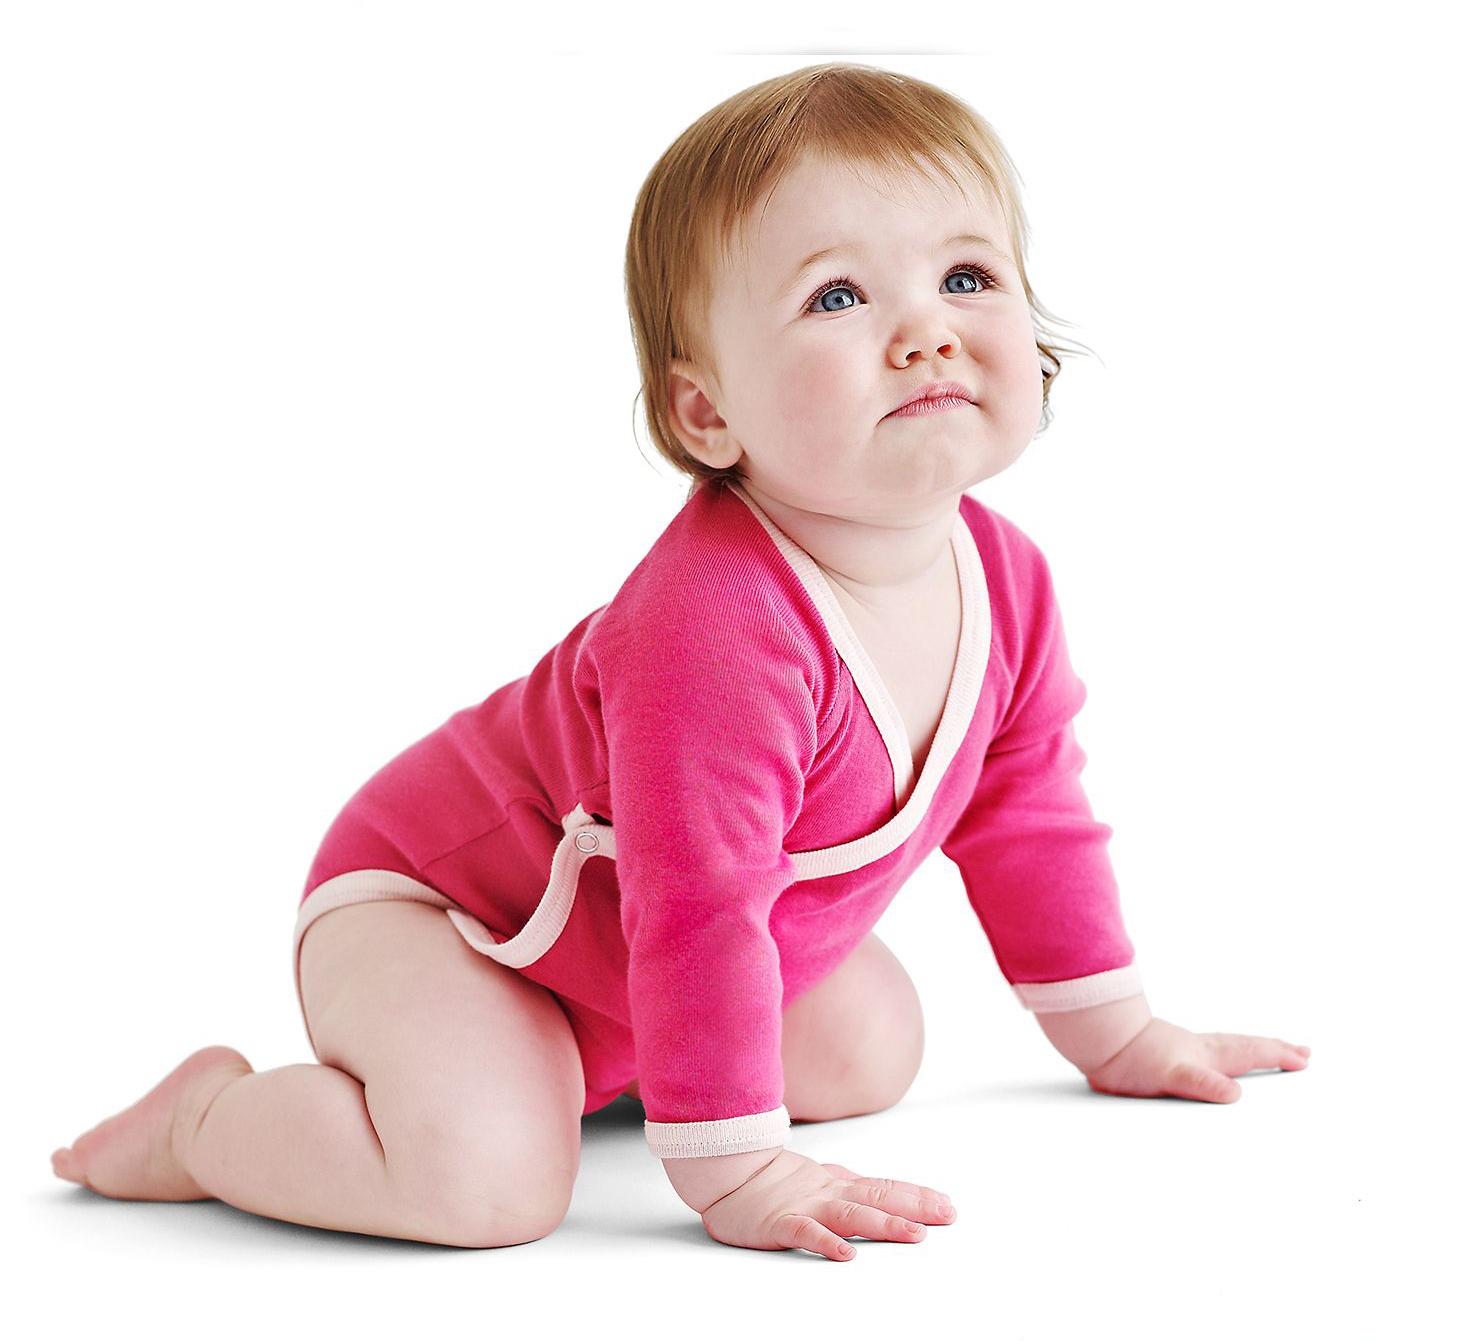 قد و وزن کودک